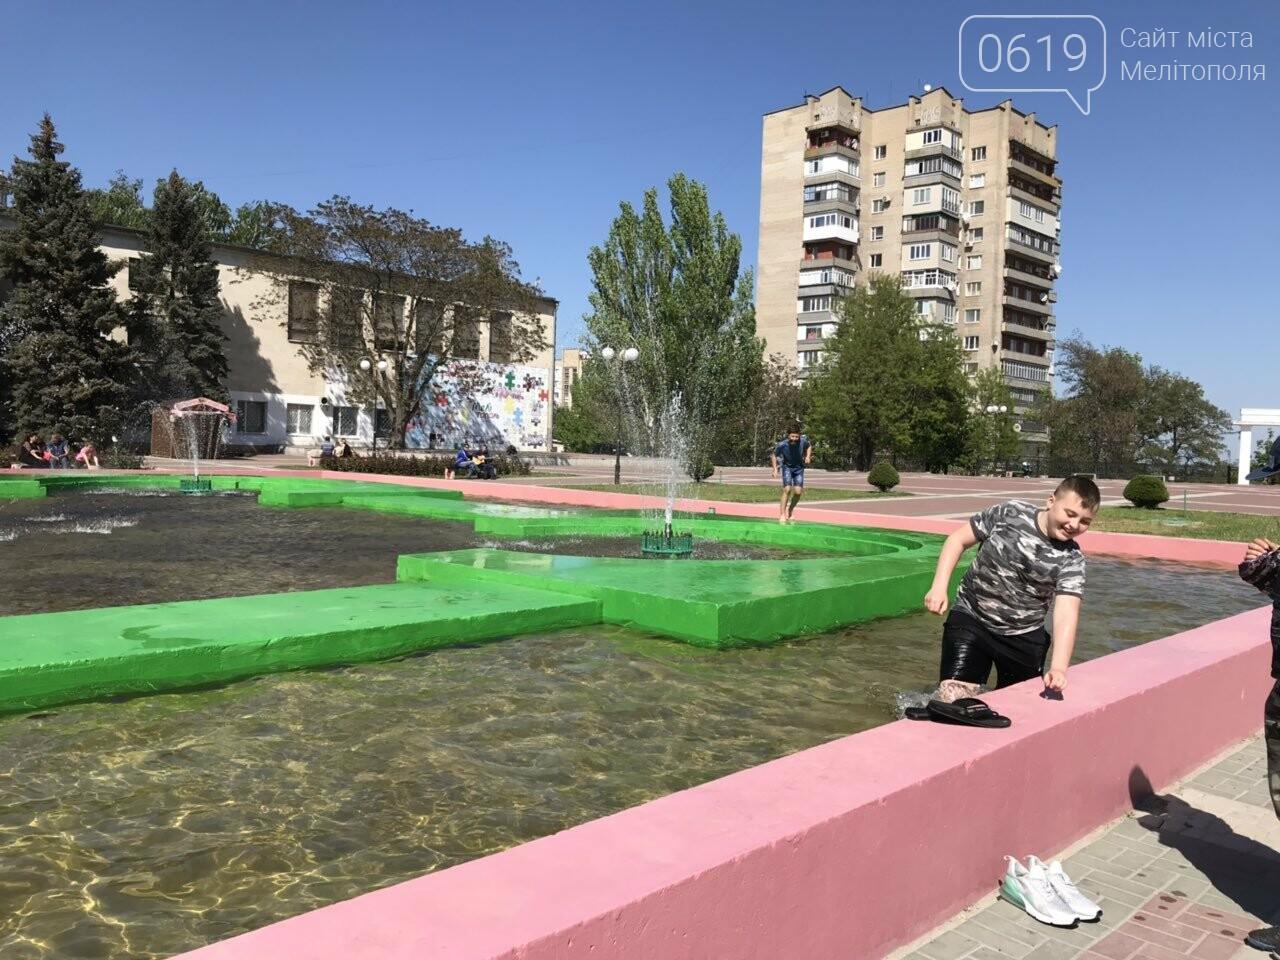 Мелитопольцы продолжают плавать в городском фонтане , фото-2, Фото сайта 0619